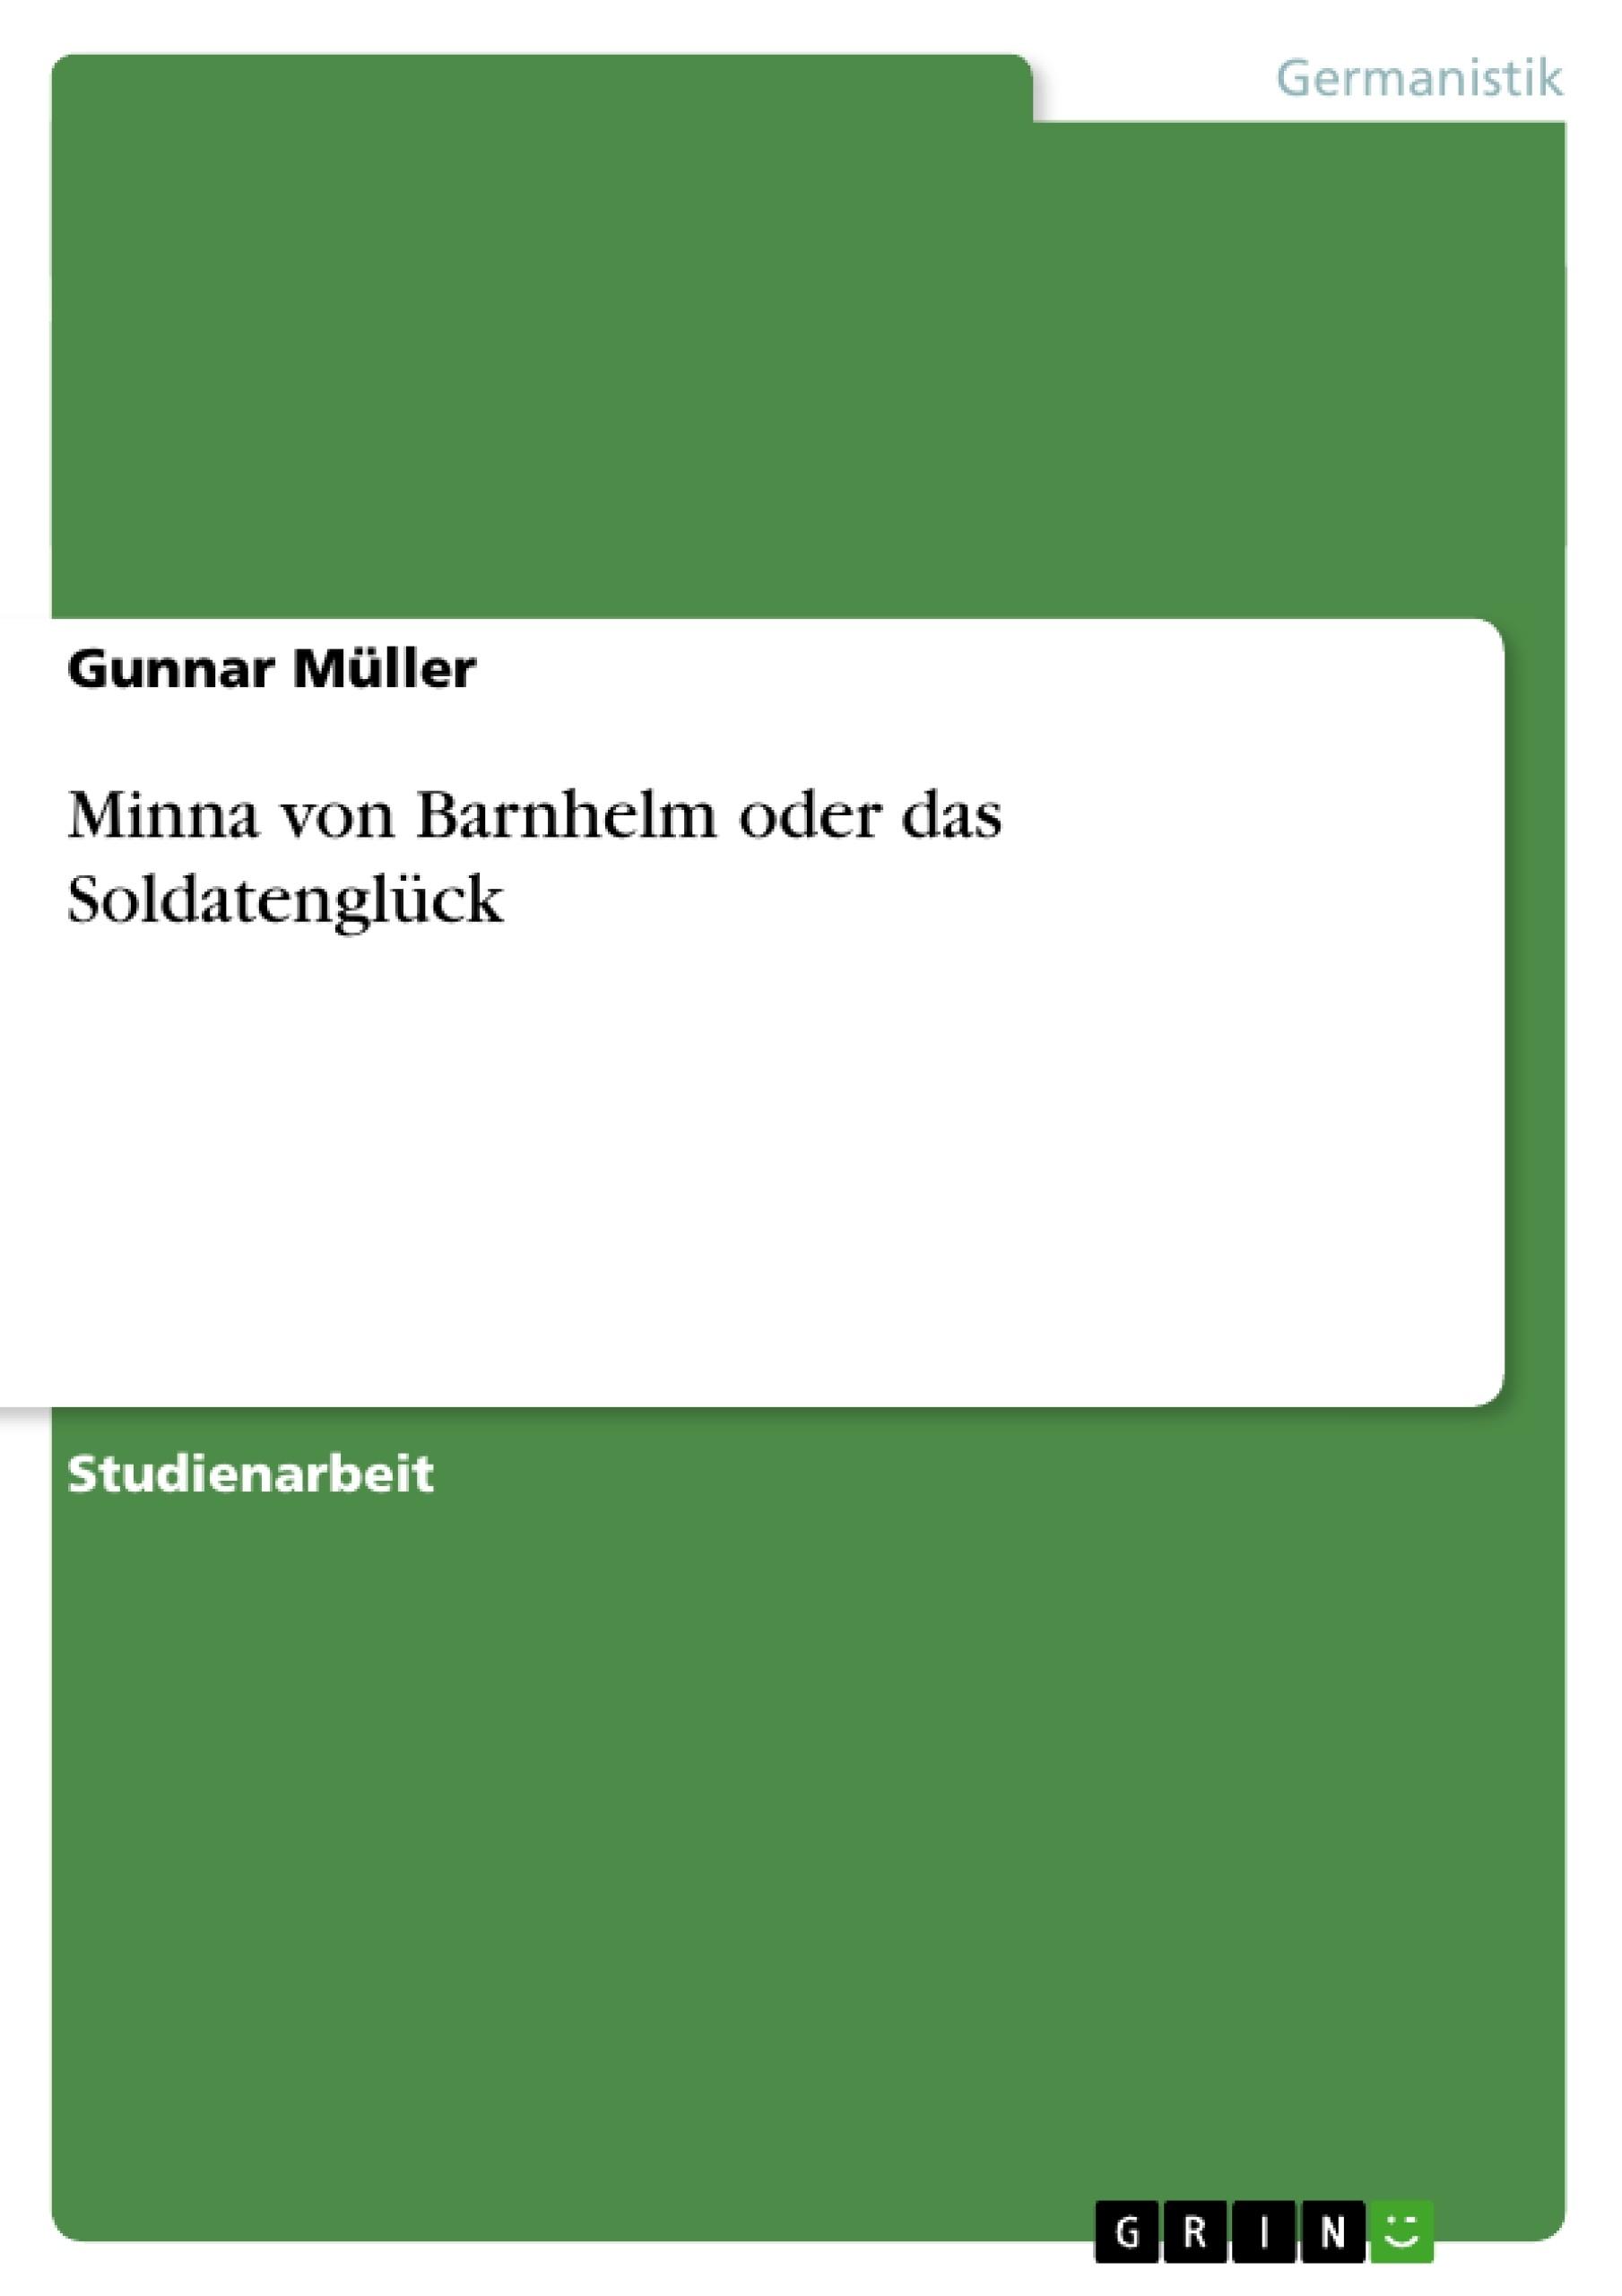 Titel: Minna von Barnhelm oder das Soldatenglück